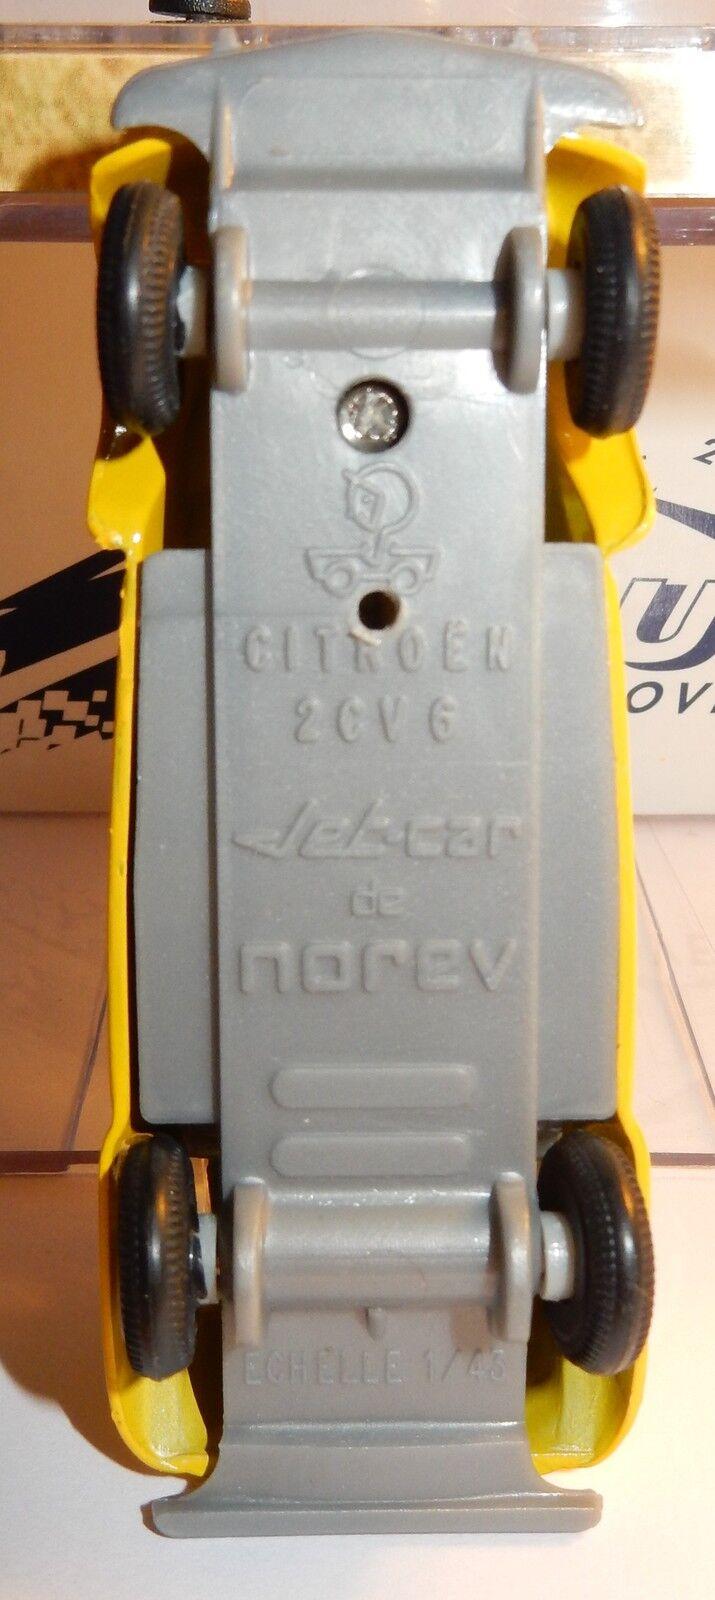 NOREV CITROEN 2CV Stadt trifft trifft trifft NATIONALE Vereine aus Frankreich 1 43 Juni 2000  | Qualifizierte Herstellung  77f55f